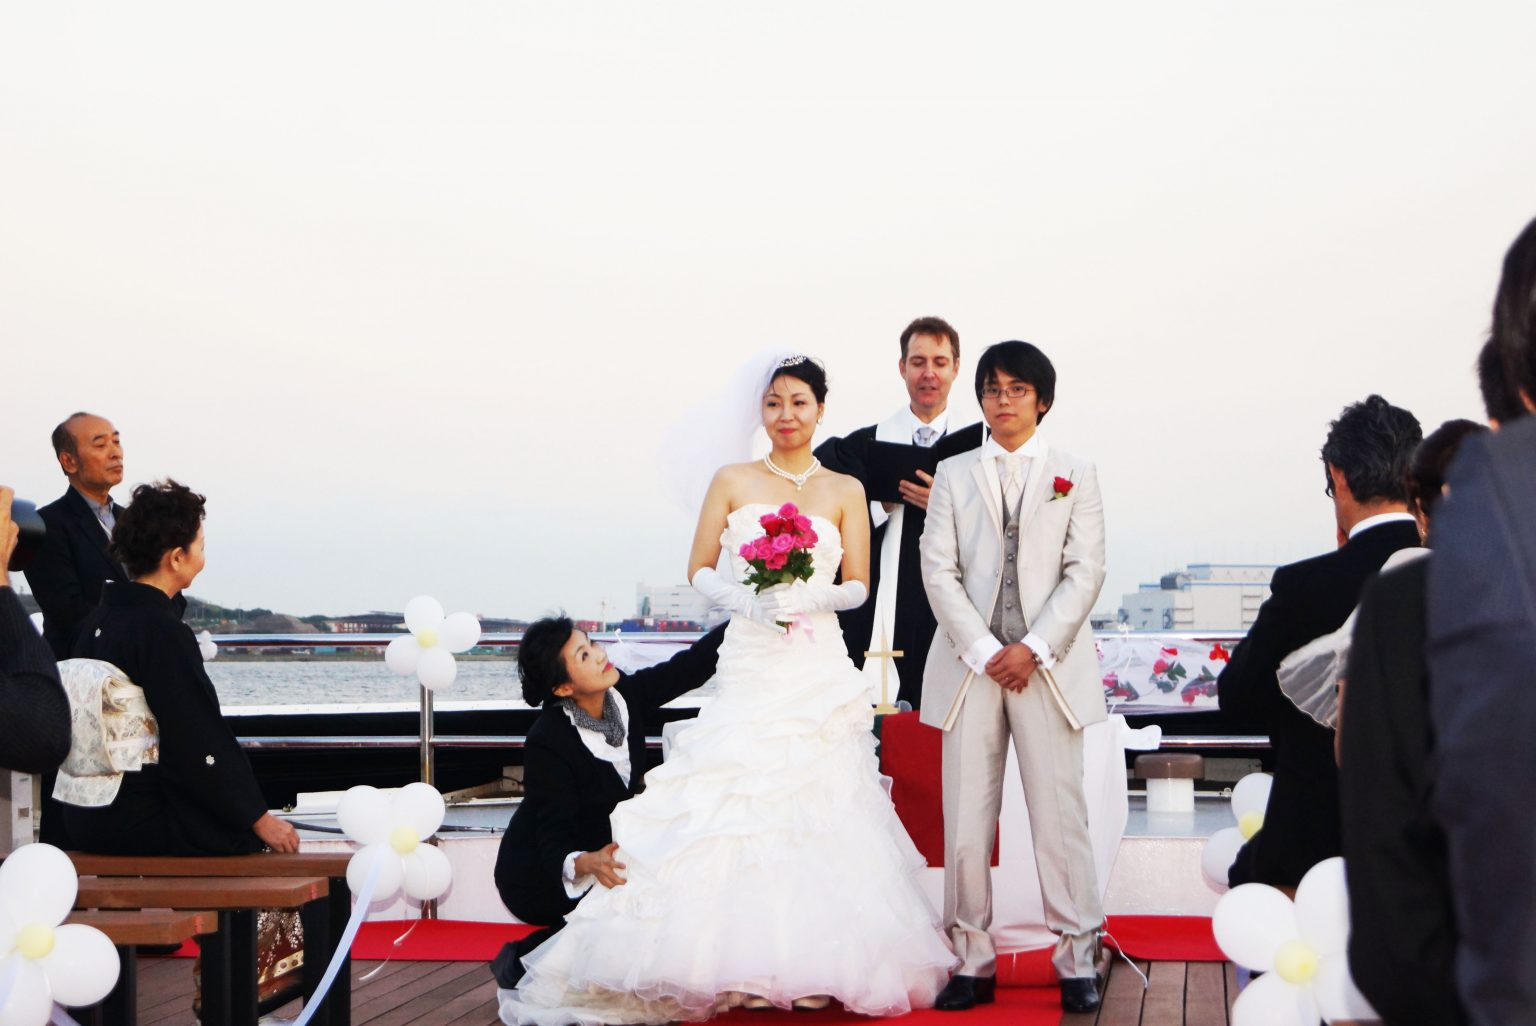 挙式クルージング 結婚式